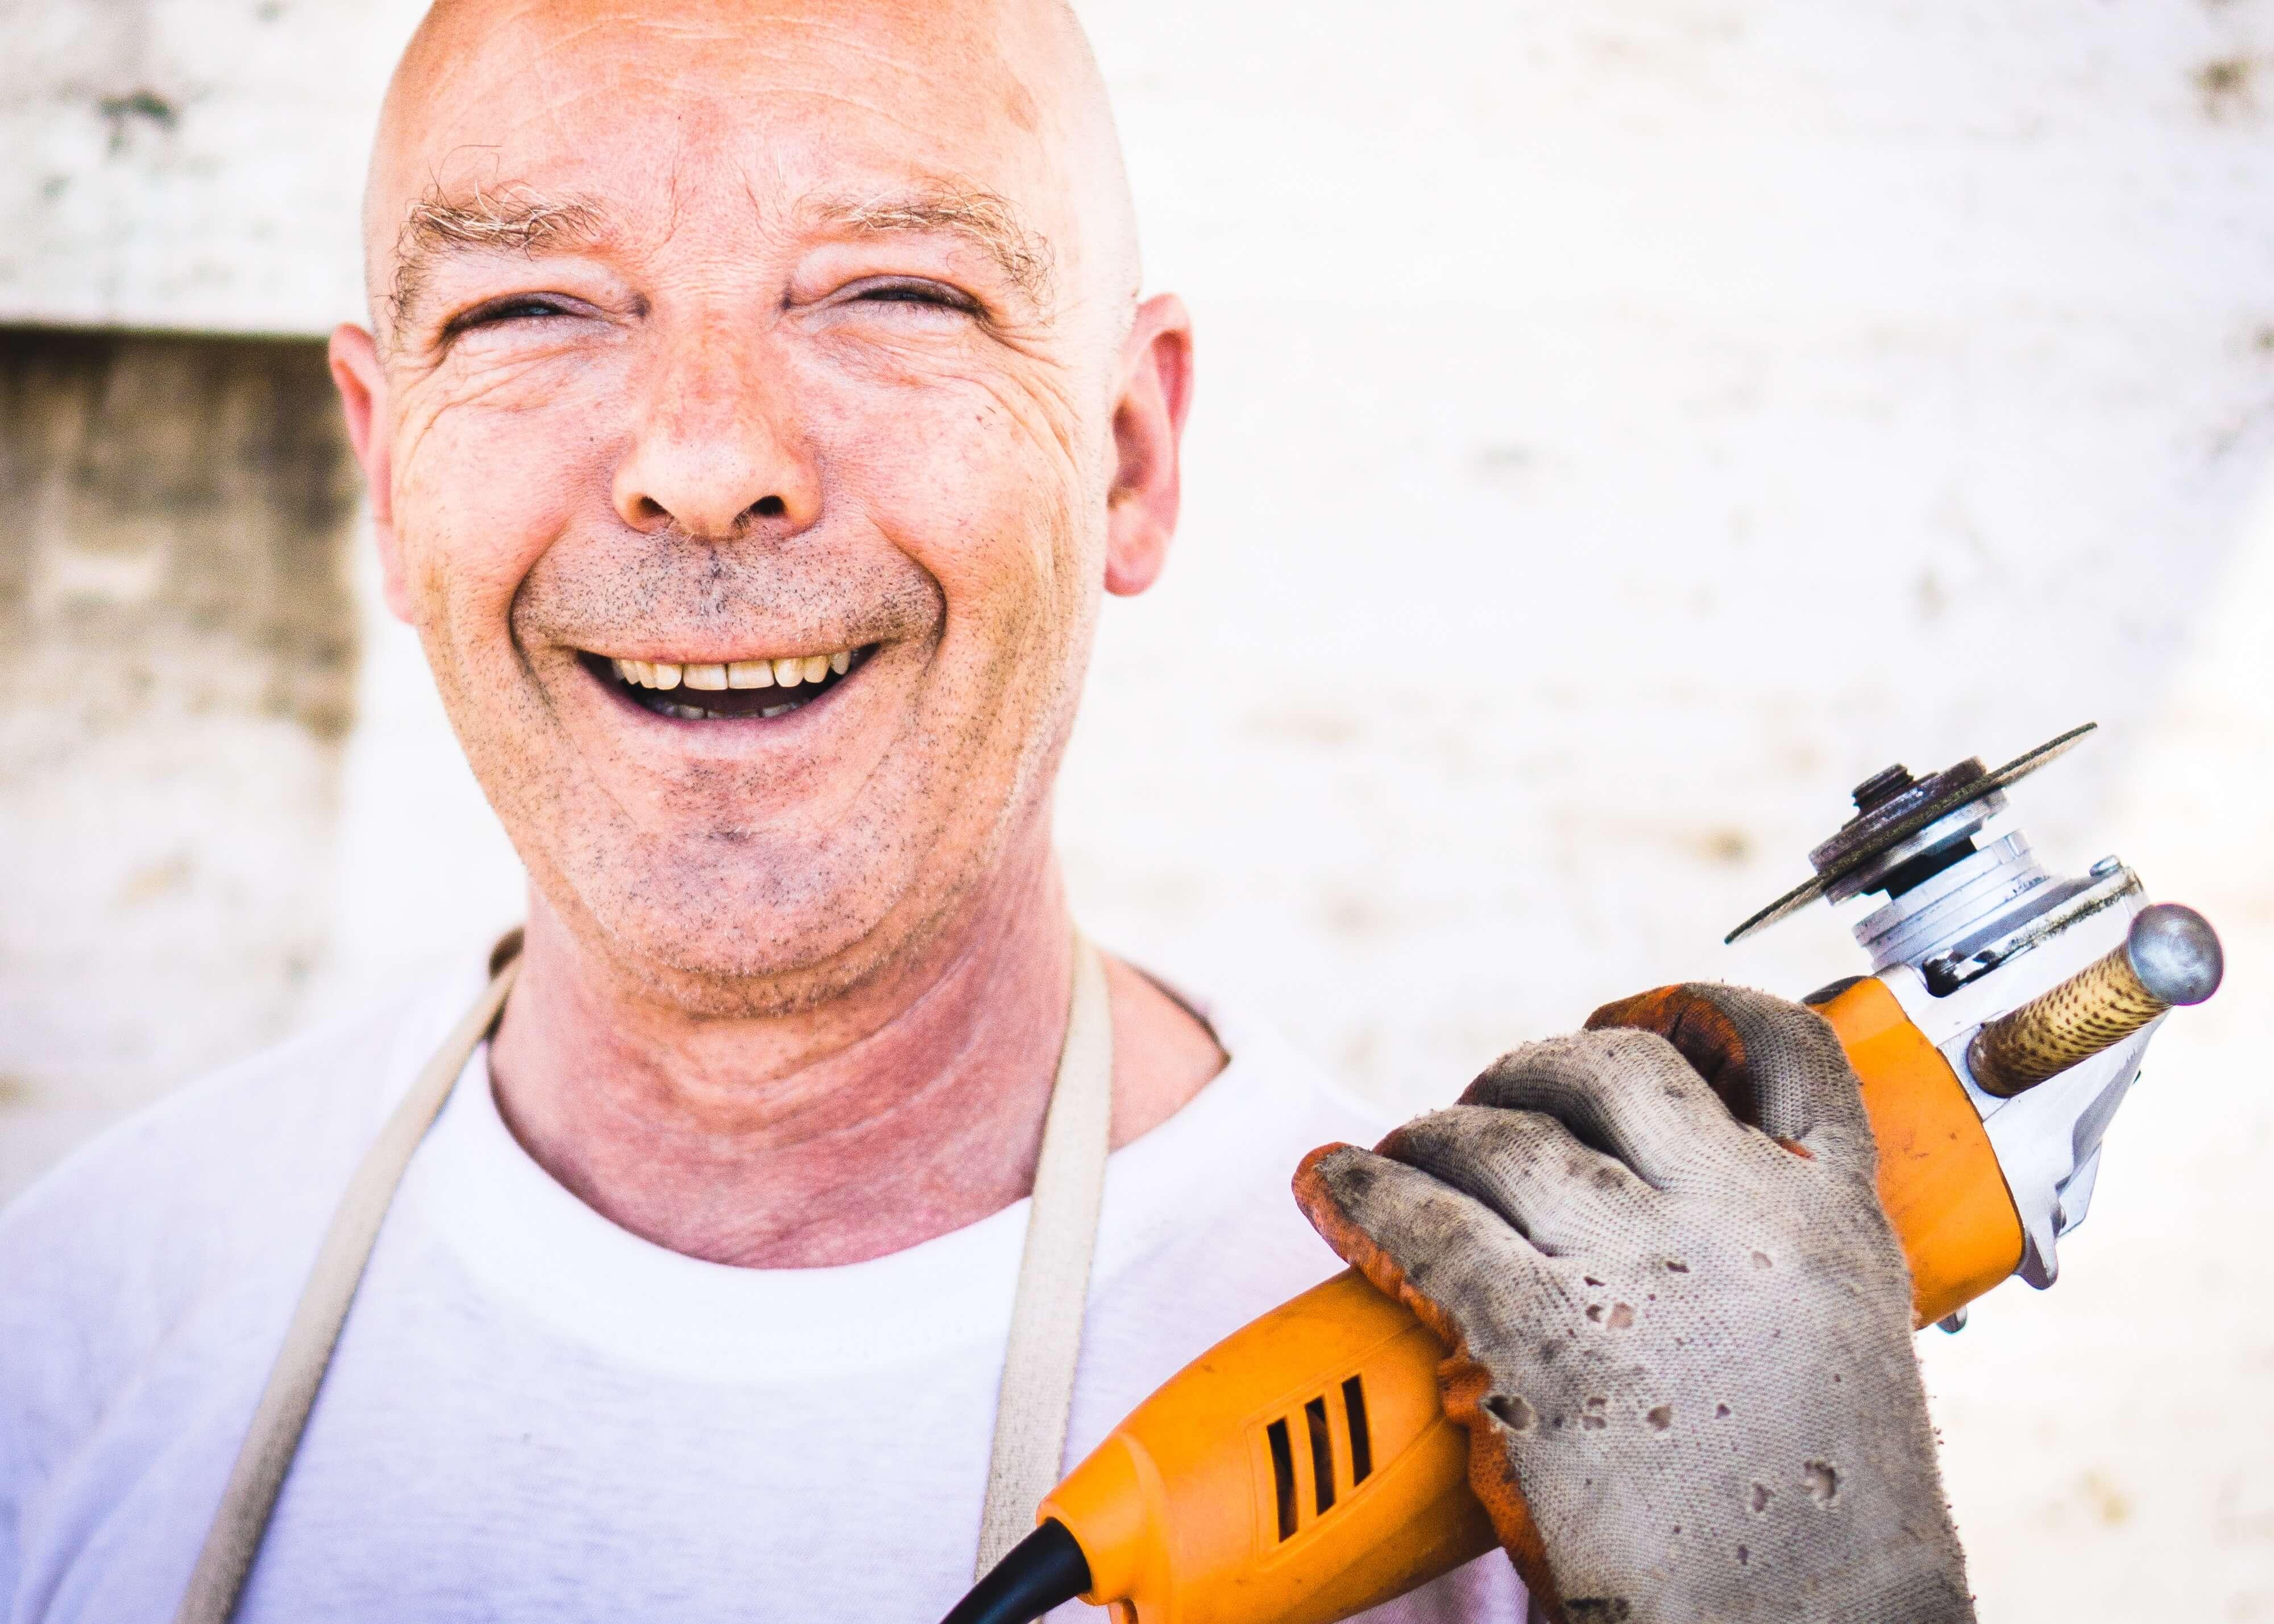 5 nippi, kuidas ära tunda lojaalne tööandja